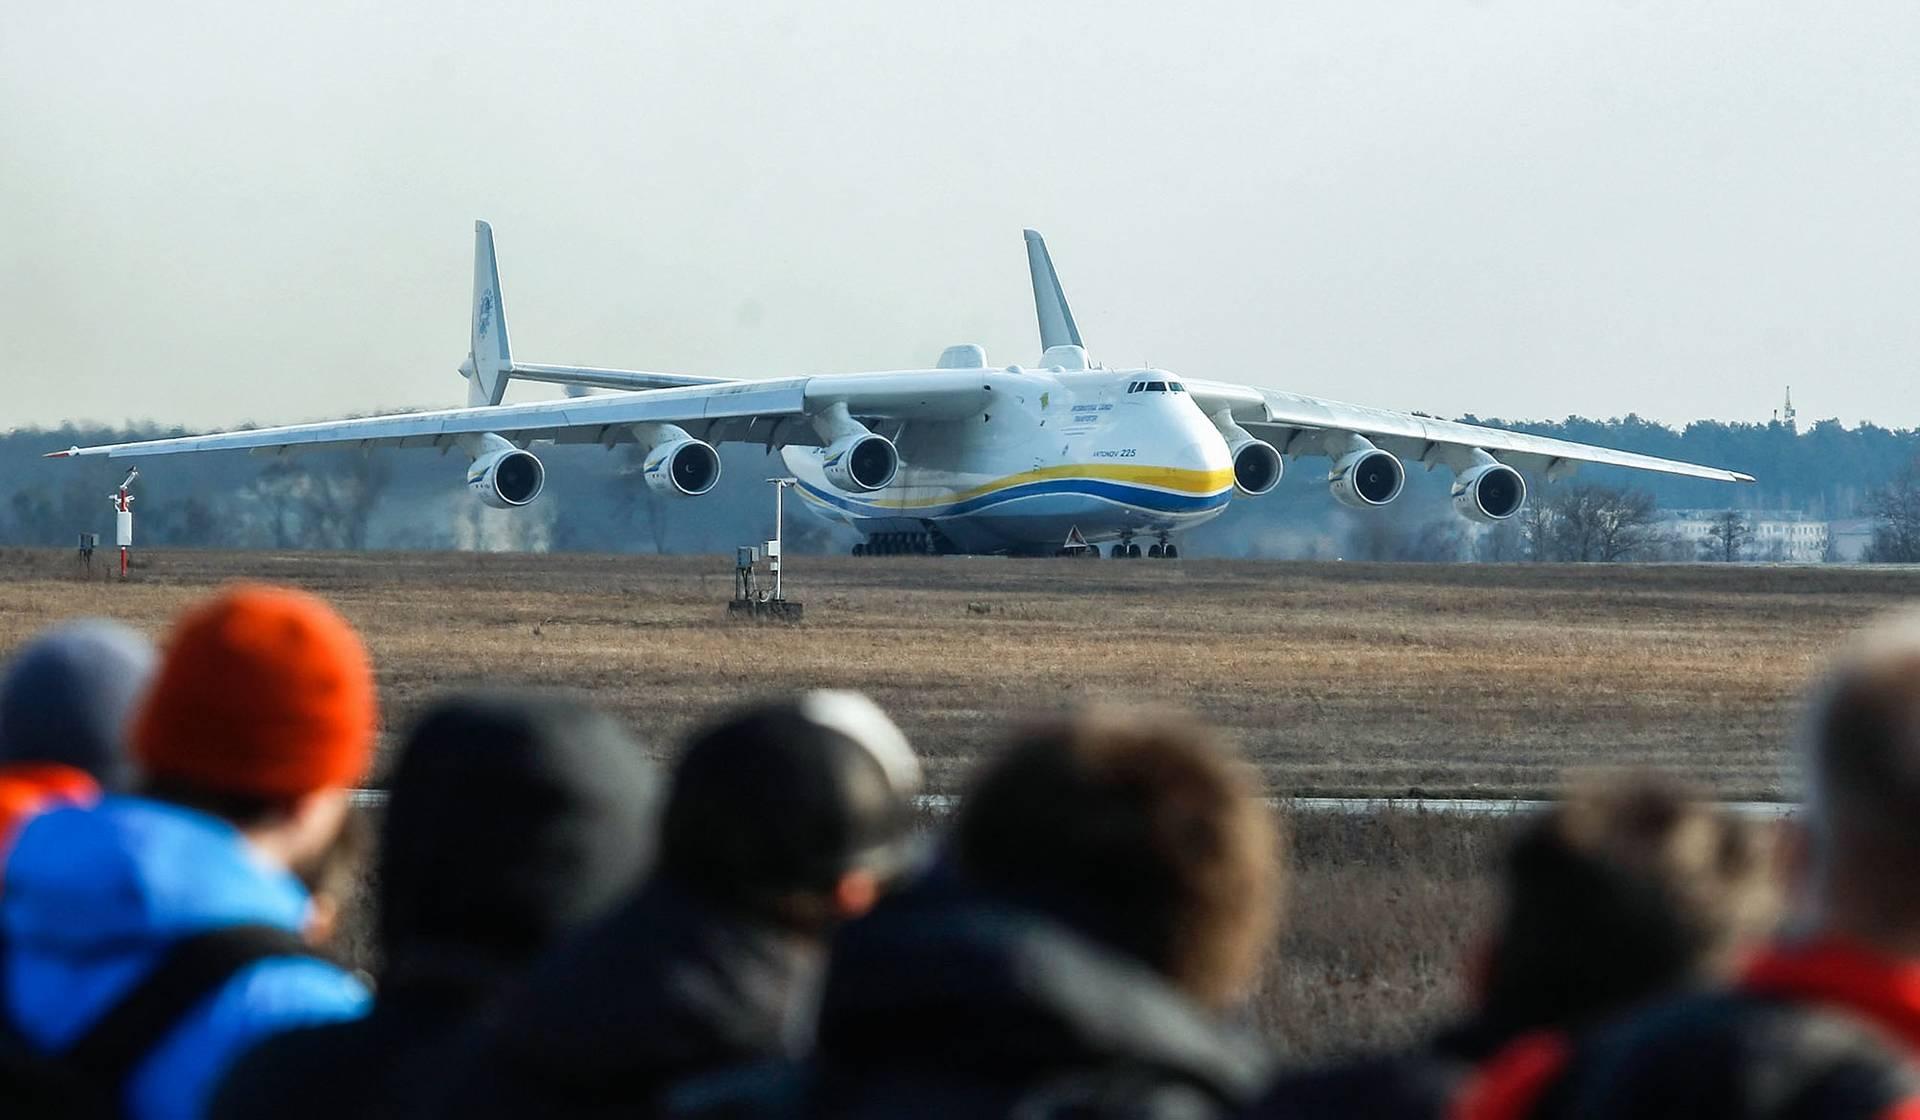 Літак Ан-225 «Мрія» вилітає з аеропорту «Гостомель» неподалік Києва, 3 квітня 2018 року